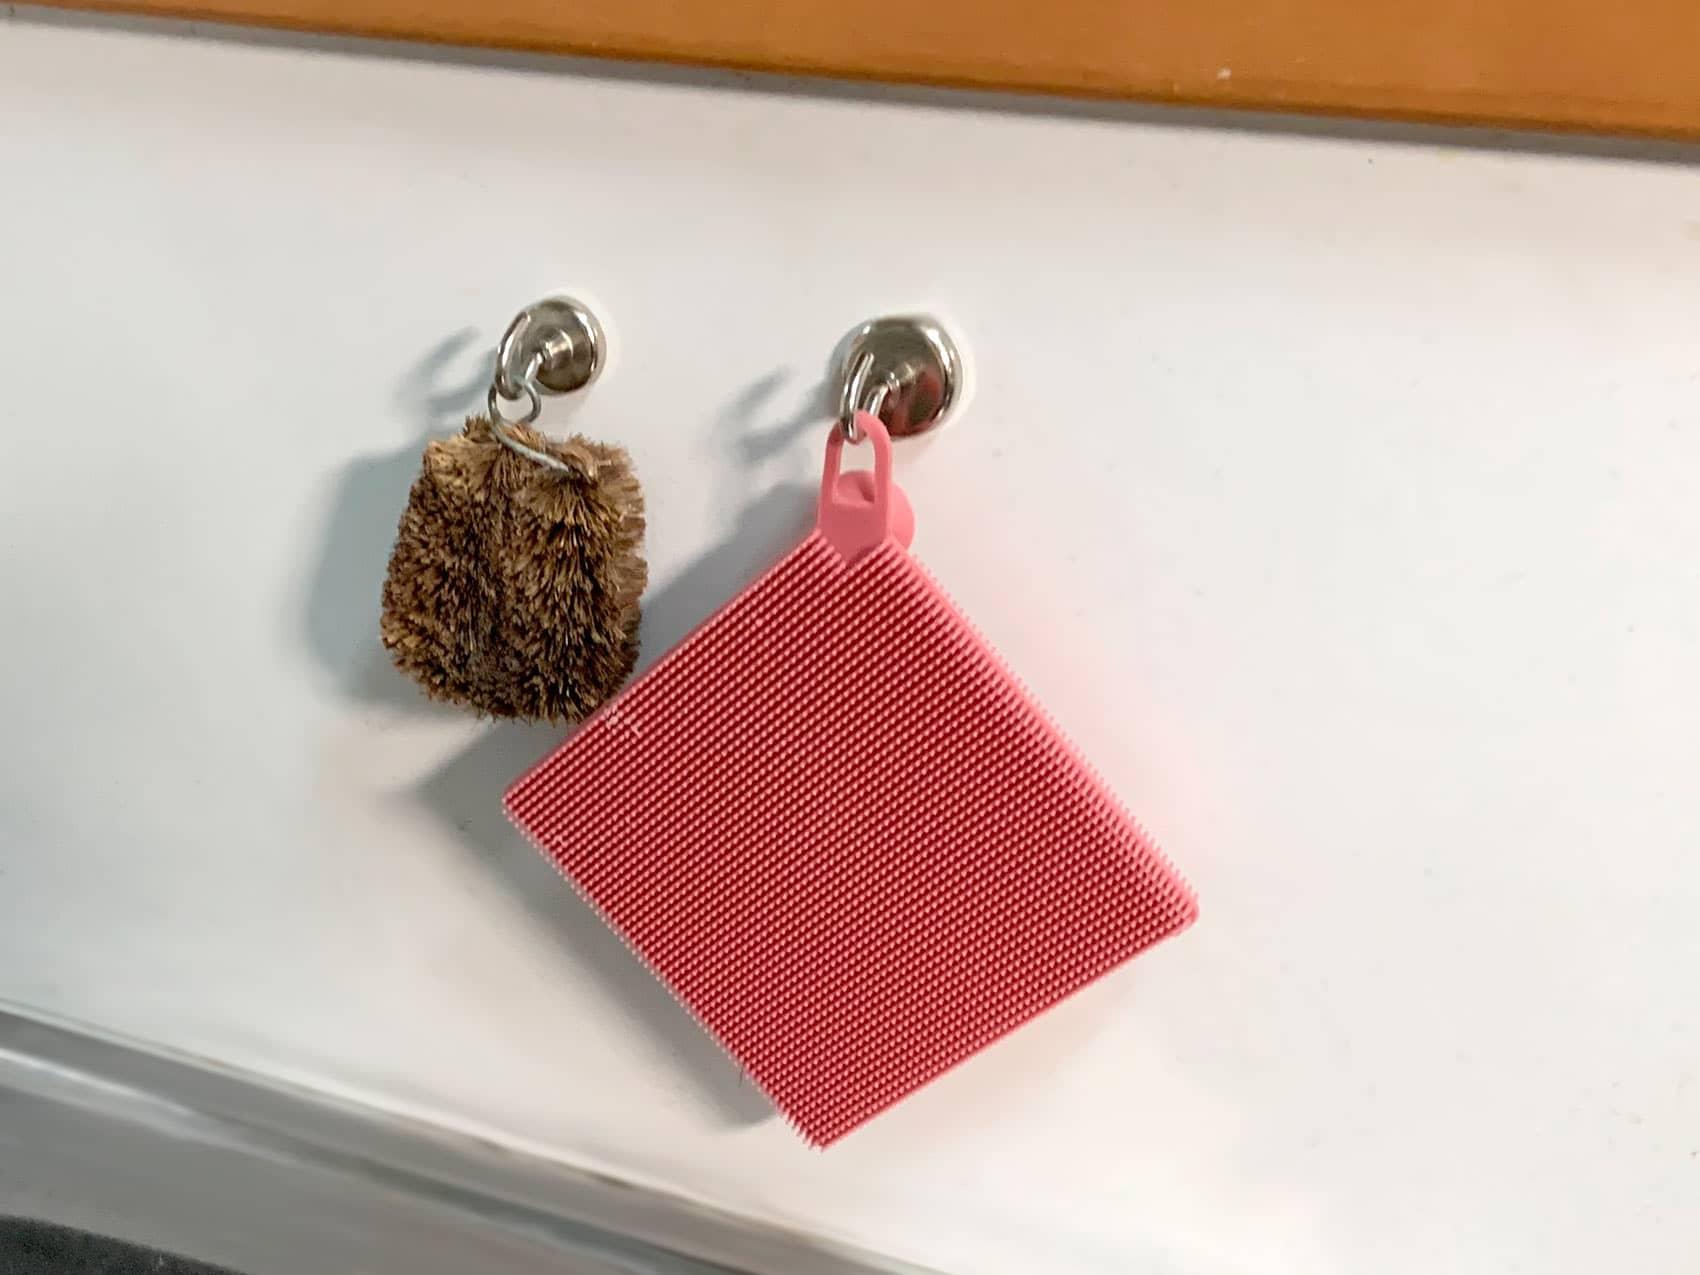 DAISO「ネオジウム磁石フック」は」流しでたわしなどを吊るすのにもオススメ